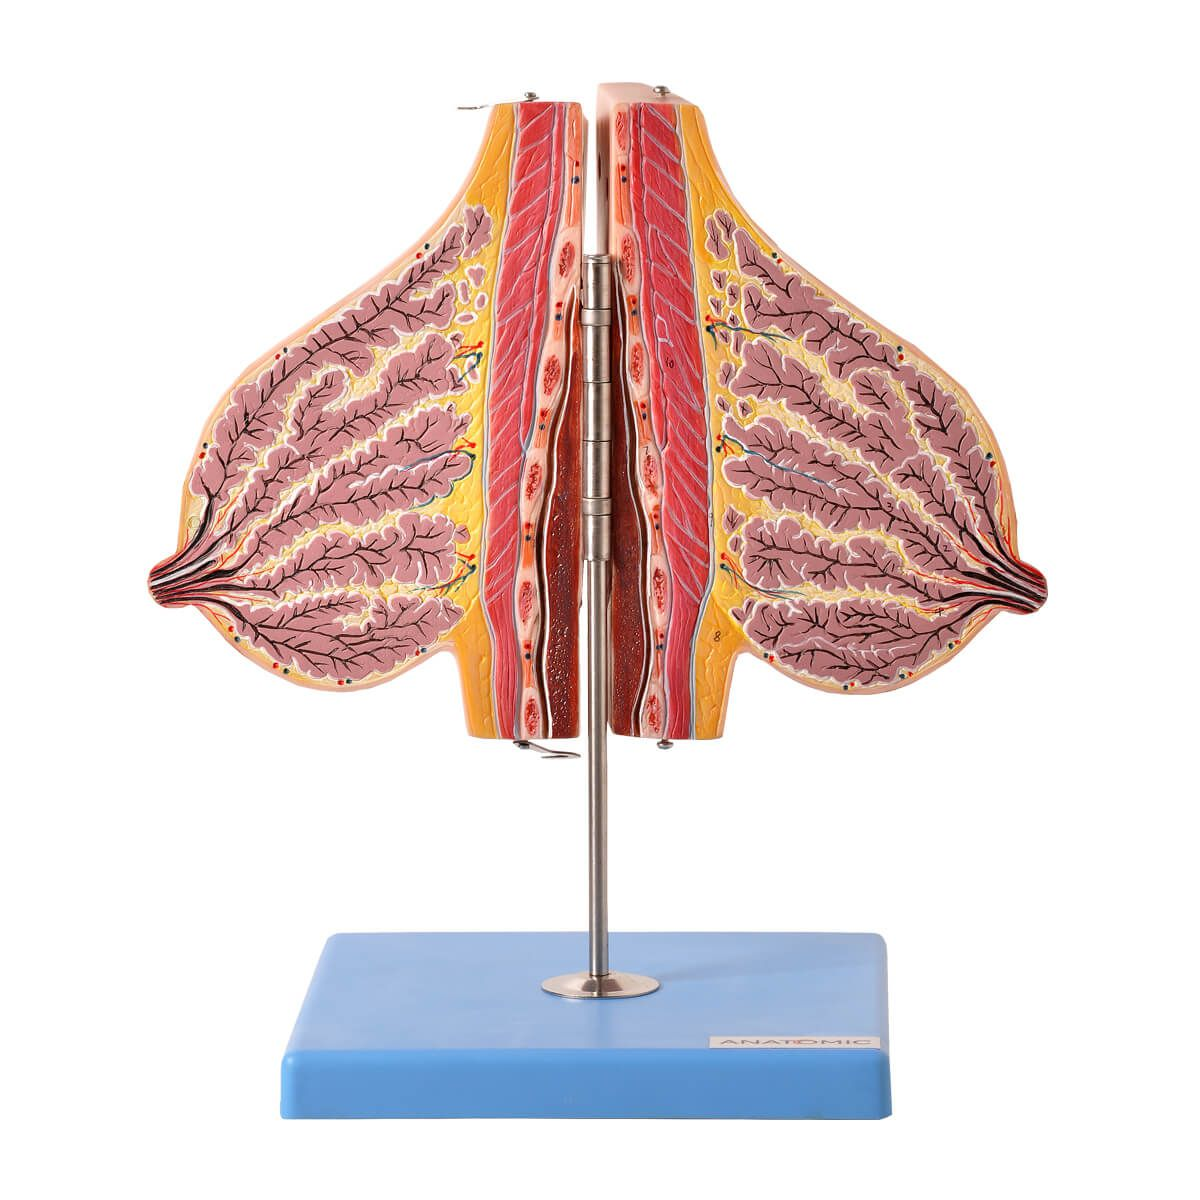 Modelo Anatomico Glândula Mamária em Lactação